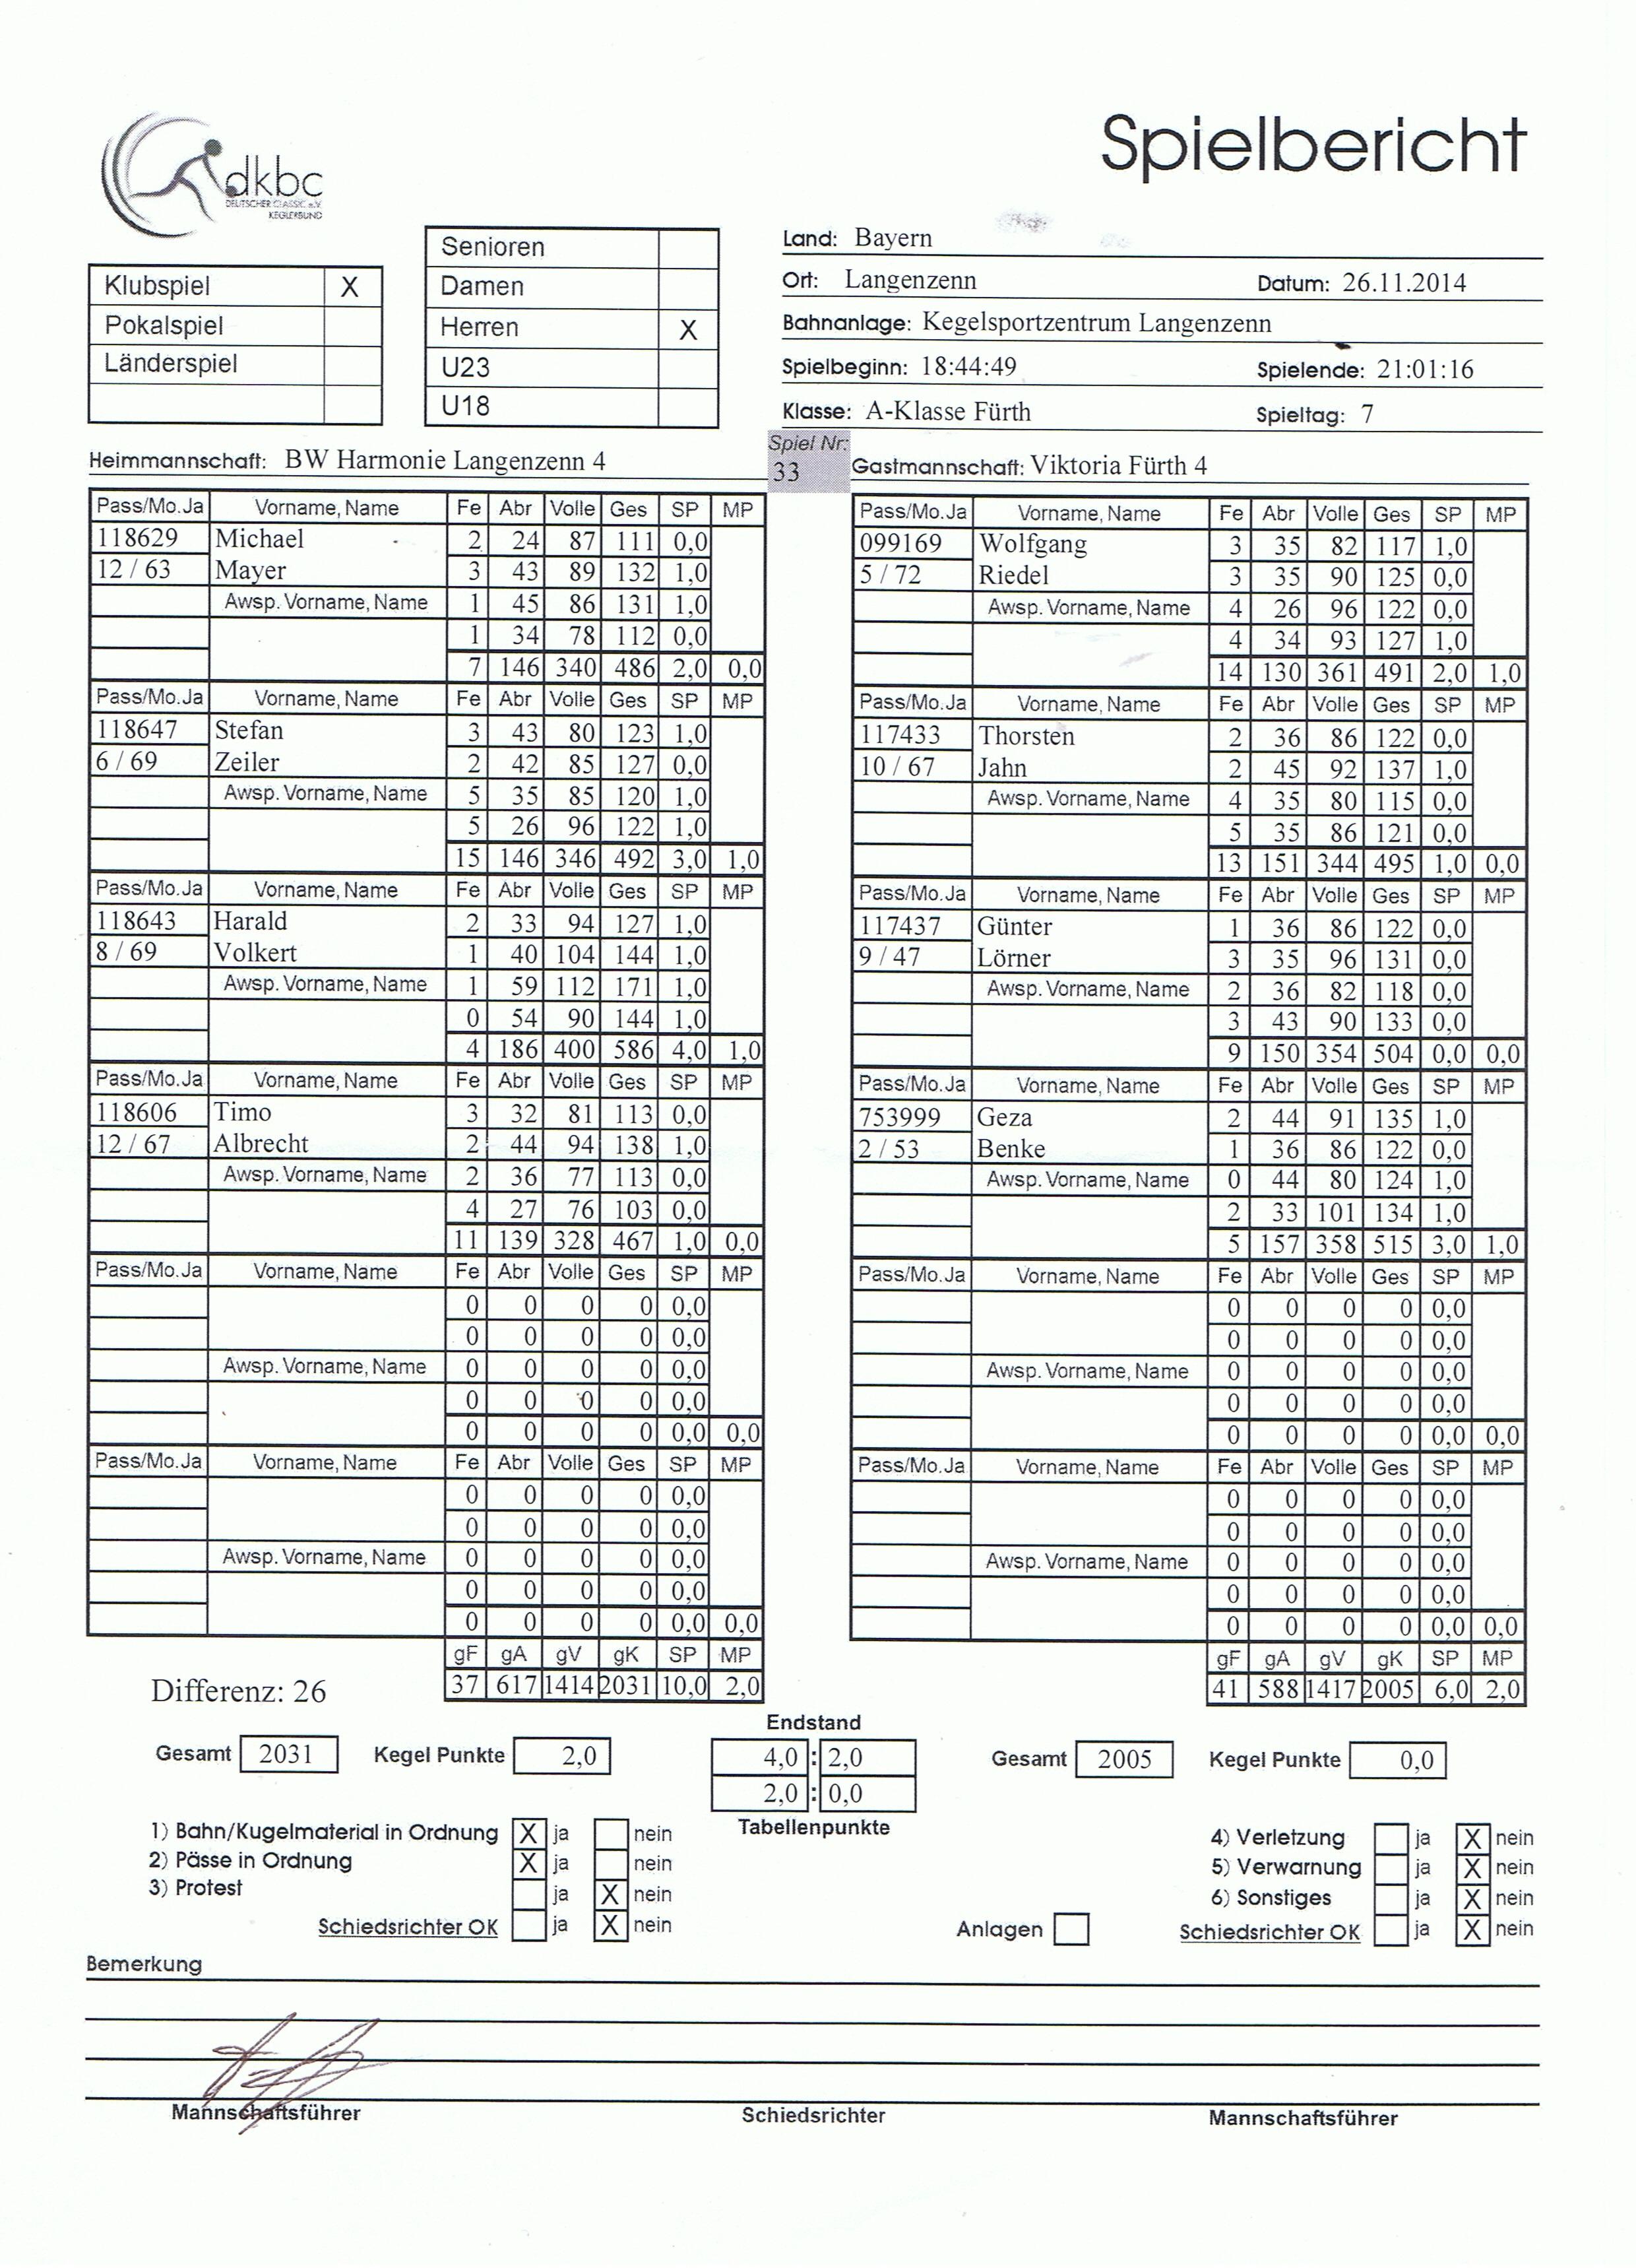 BWHarmLgz4-V4